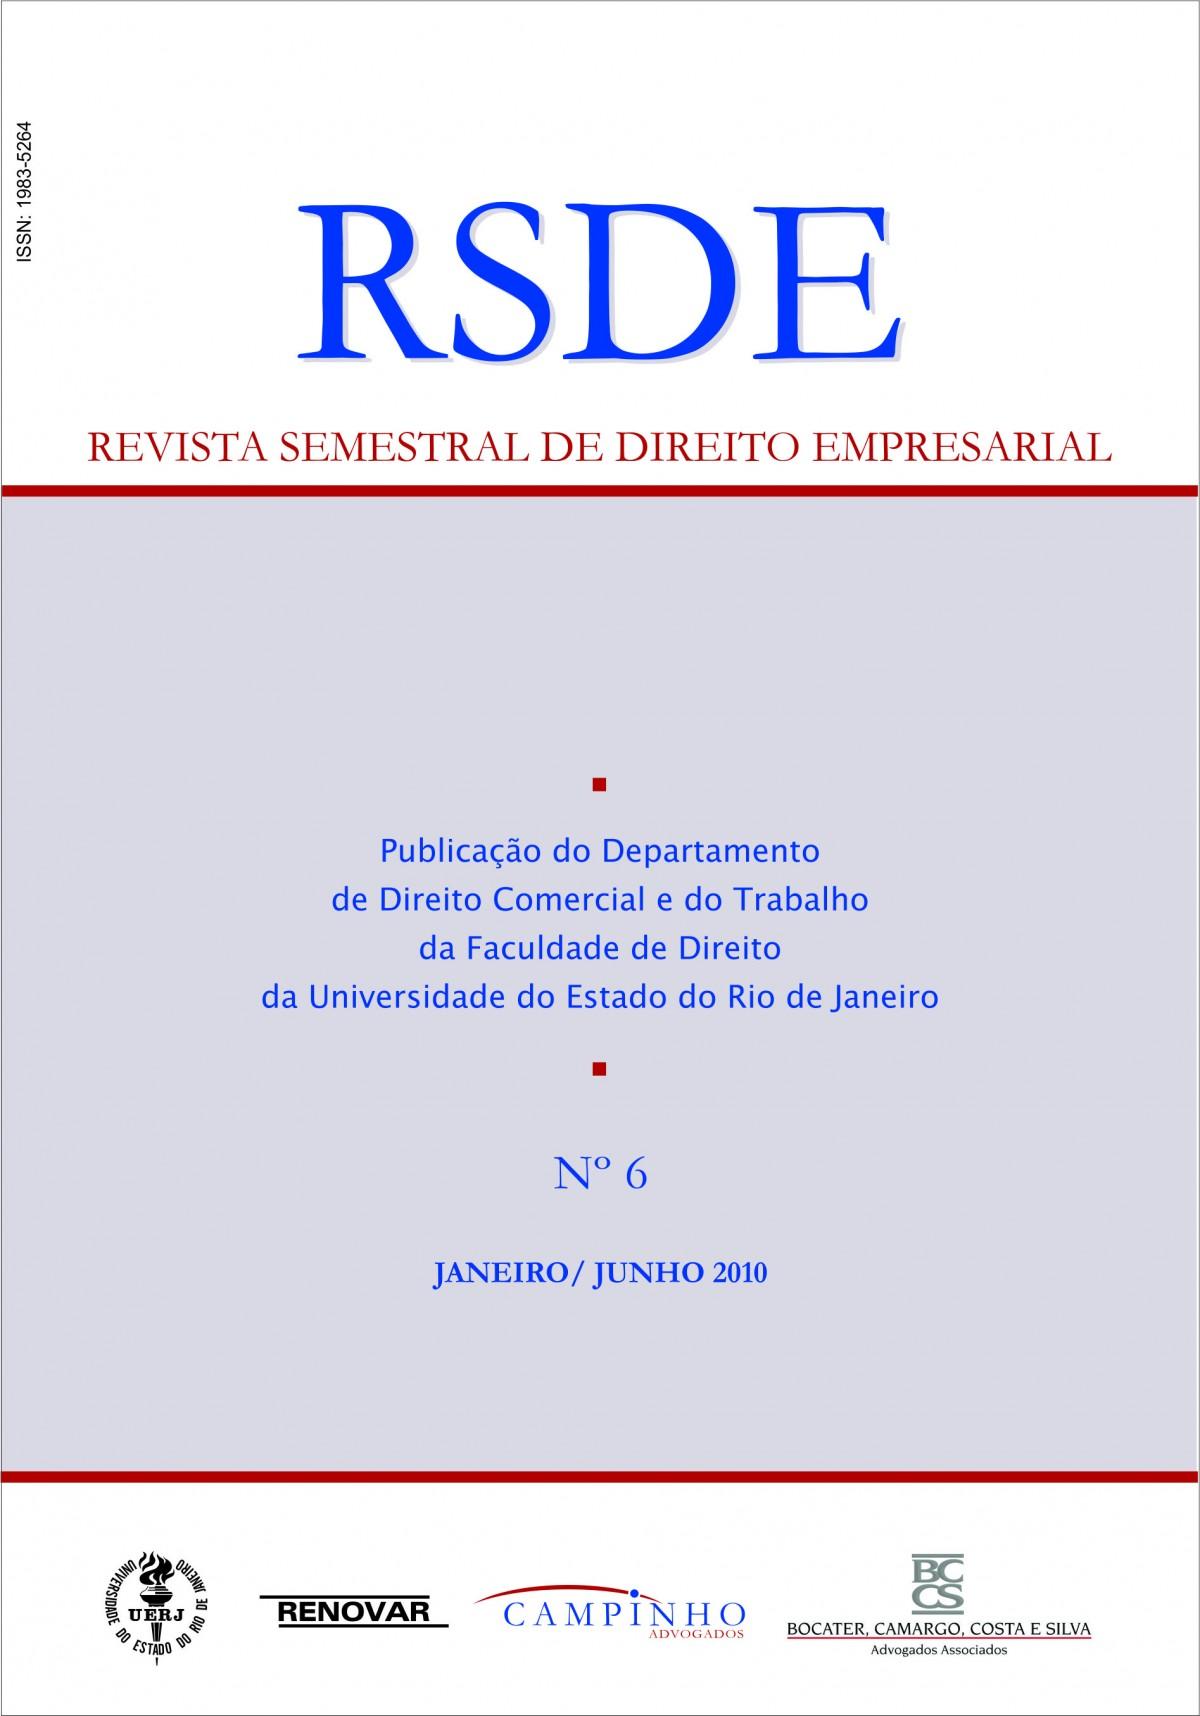 Foto 1 - RSDE N°6